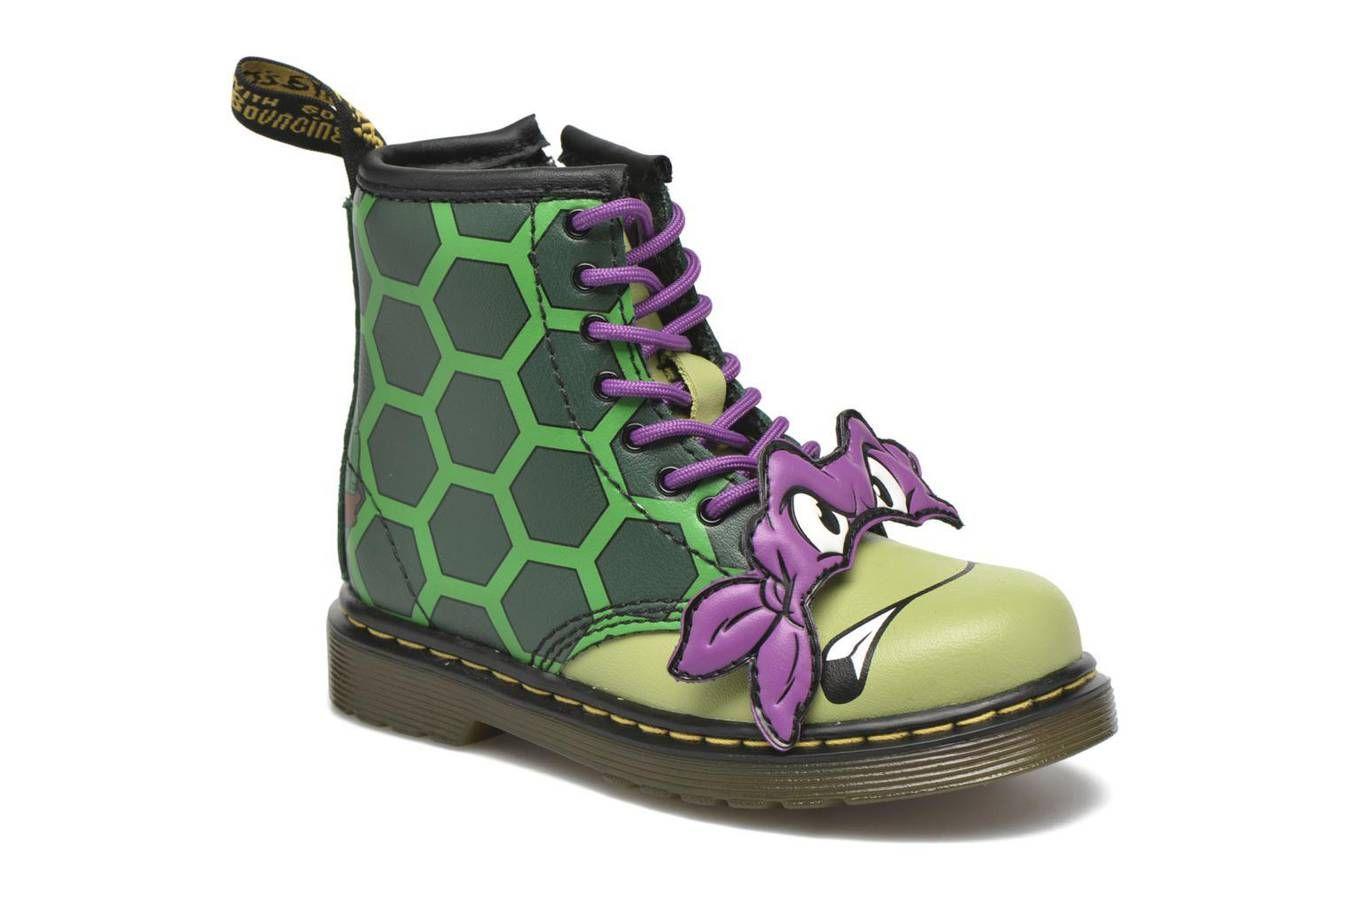 Chaussure enfant   30 paires de chaussures enfants stylées pour la rentrée  - Elle 934b85ba0612